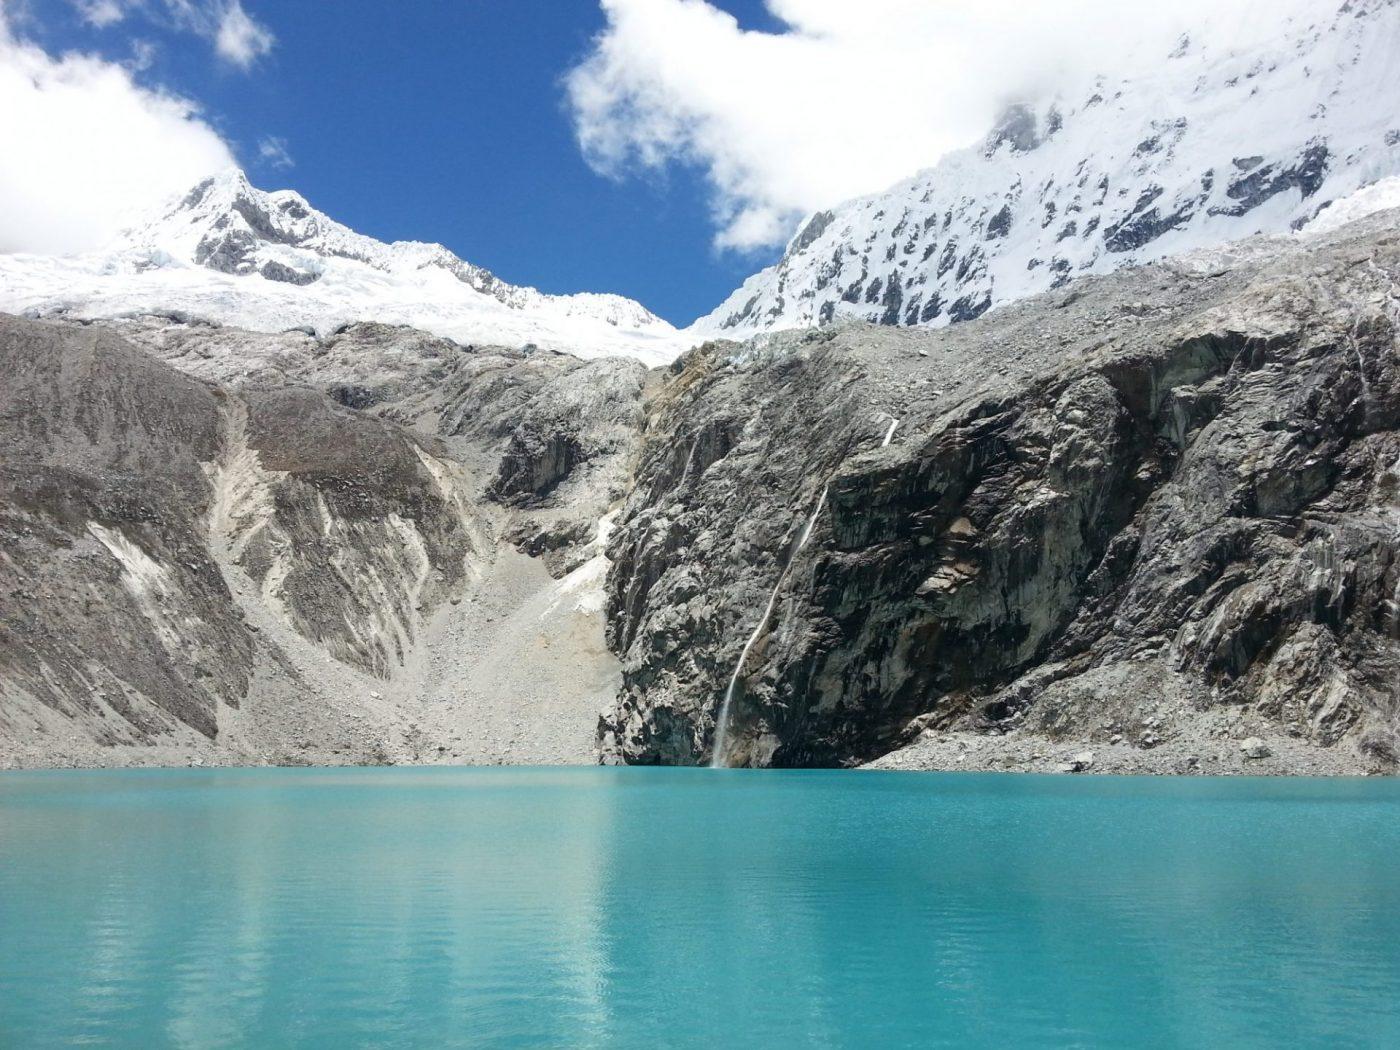 Hiking in Peru - The Ultimate Guide